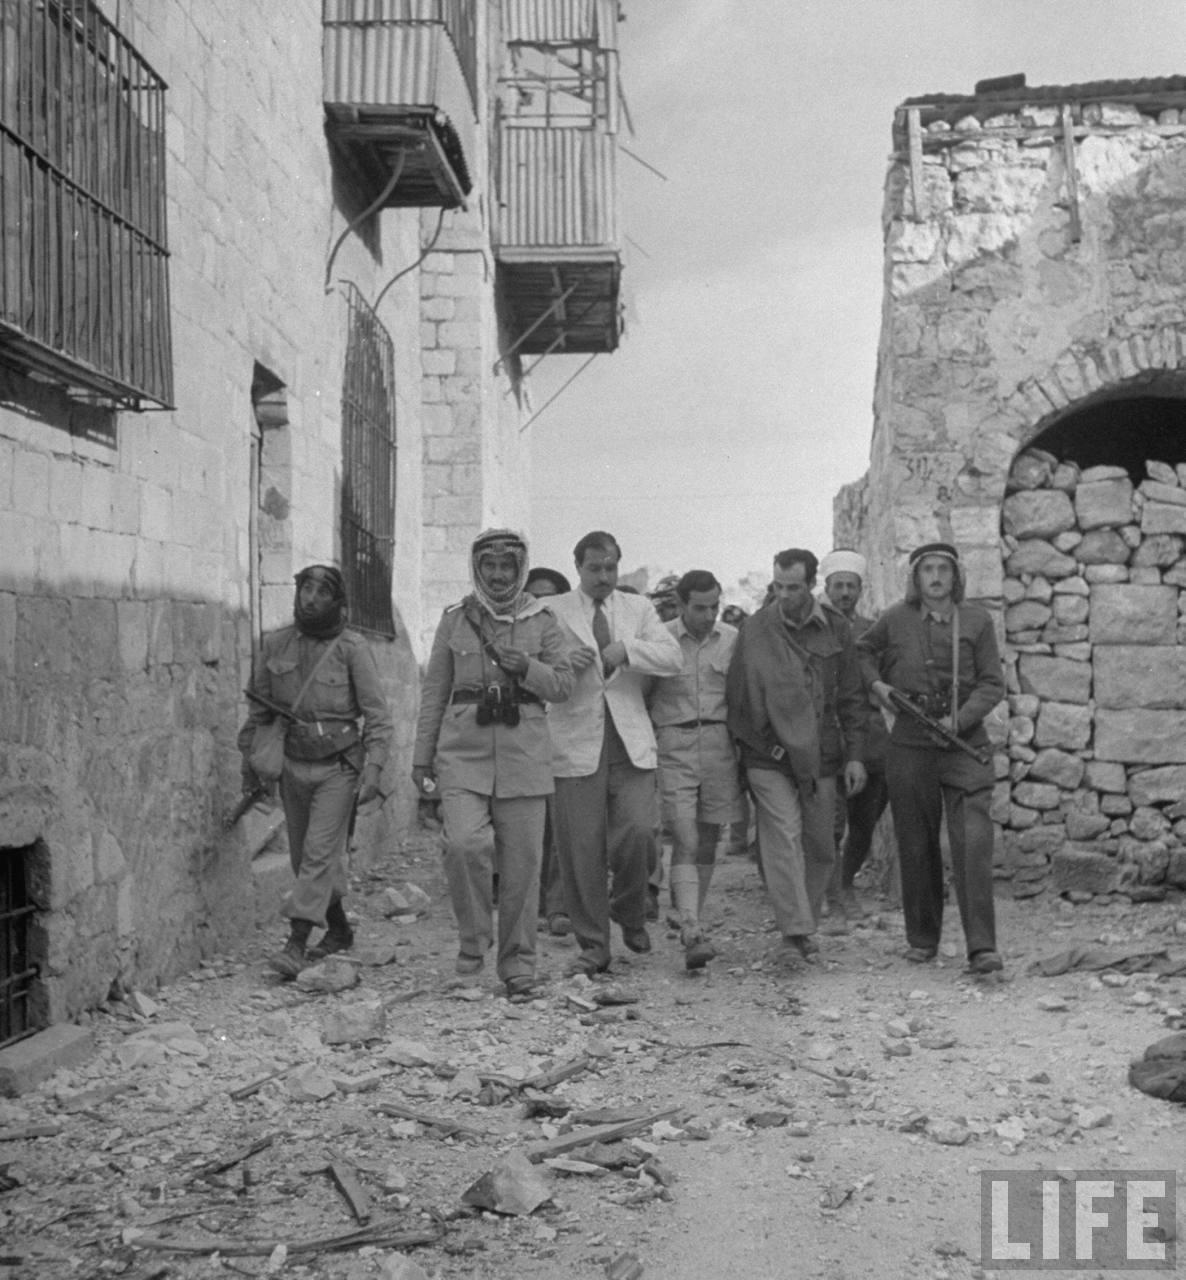 Д-р Мусса Хусейни и лидер сил Хаганы идут с арабскими солдатами после подписания капитуляции Иерусалима